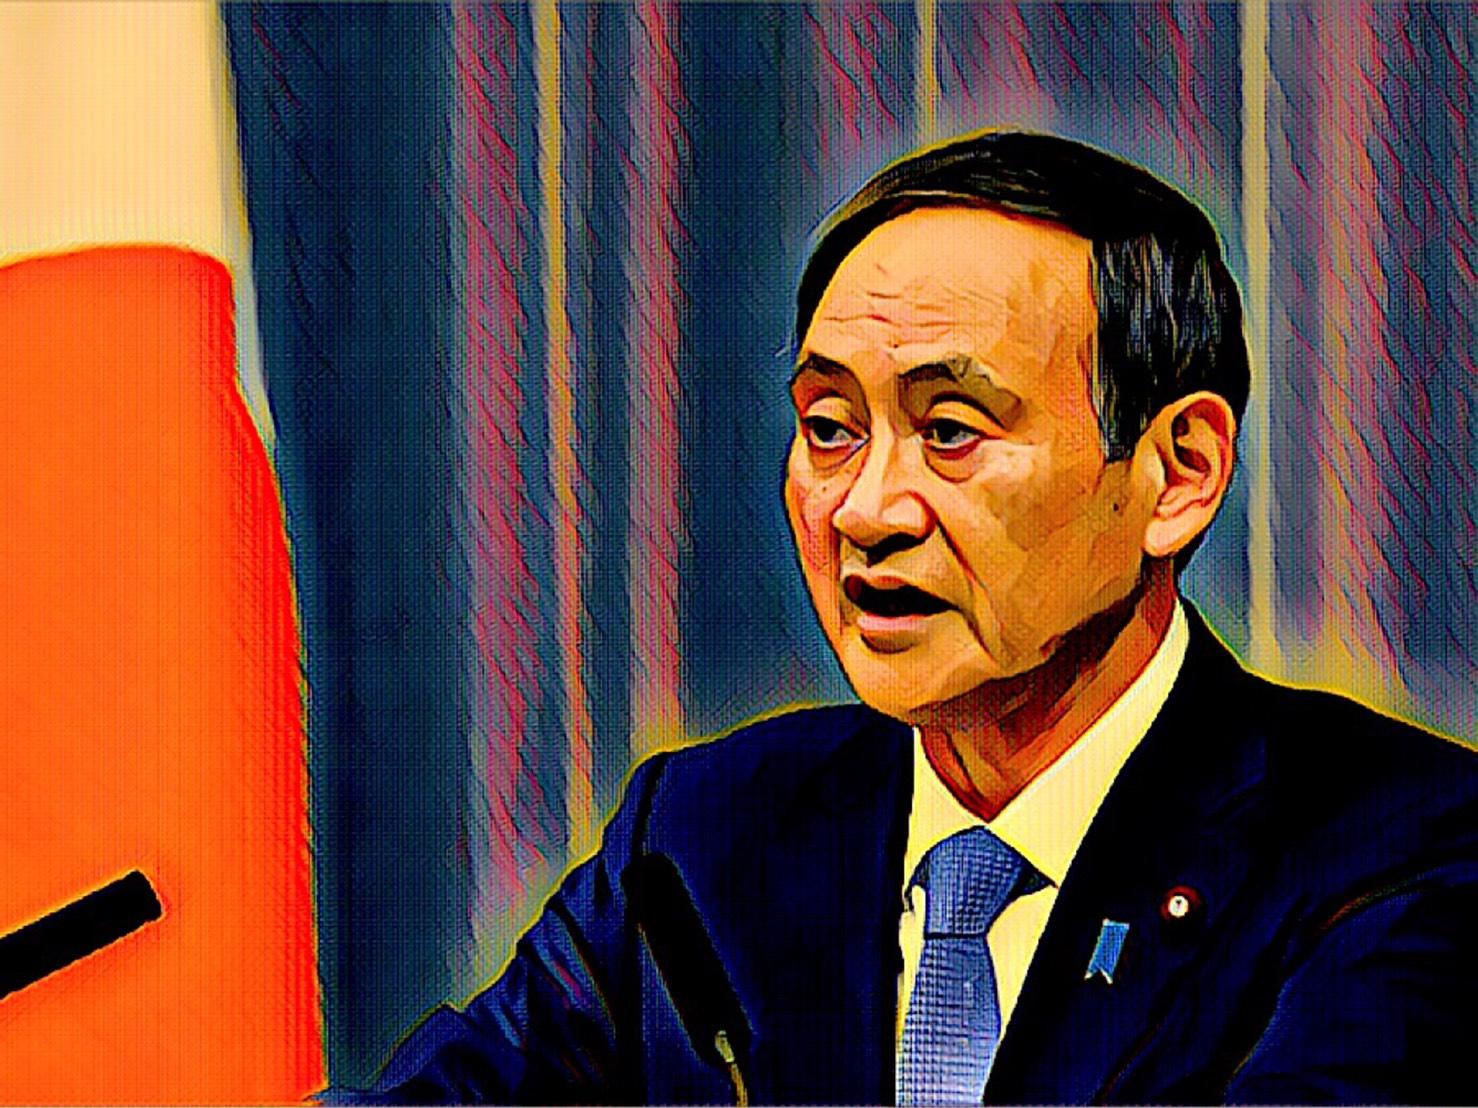 リップル、XRPに影響は|菅総理とSBI北尾社長が会食、地銀再編に向け意見交換か